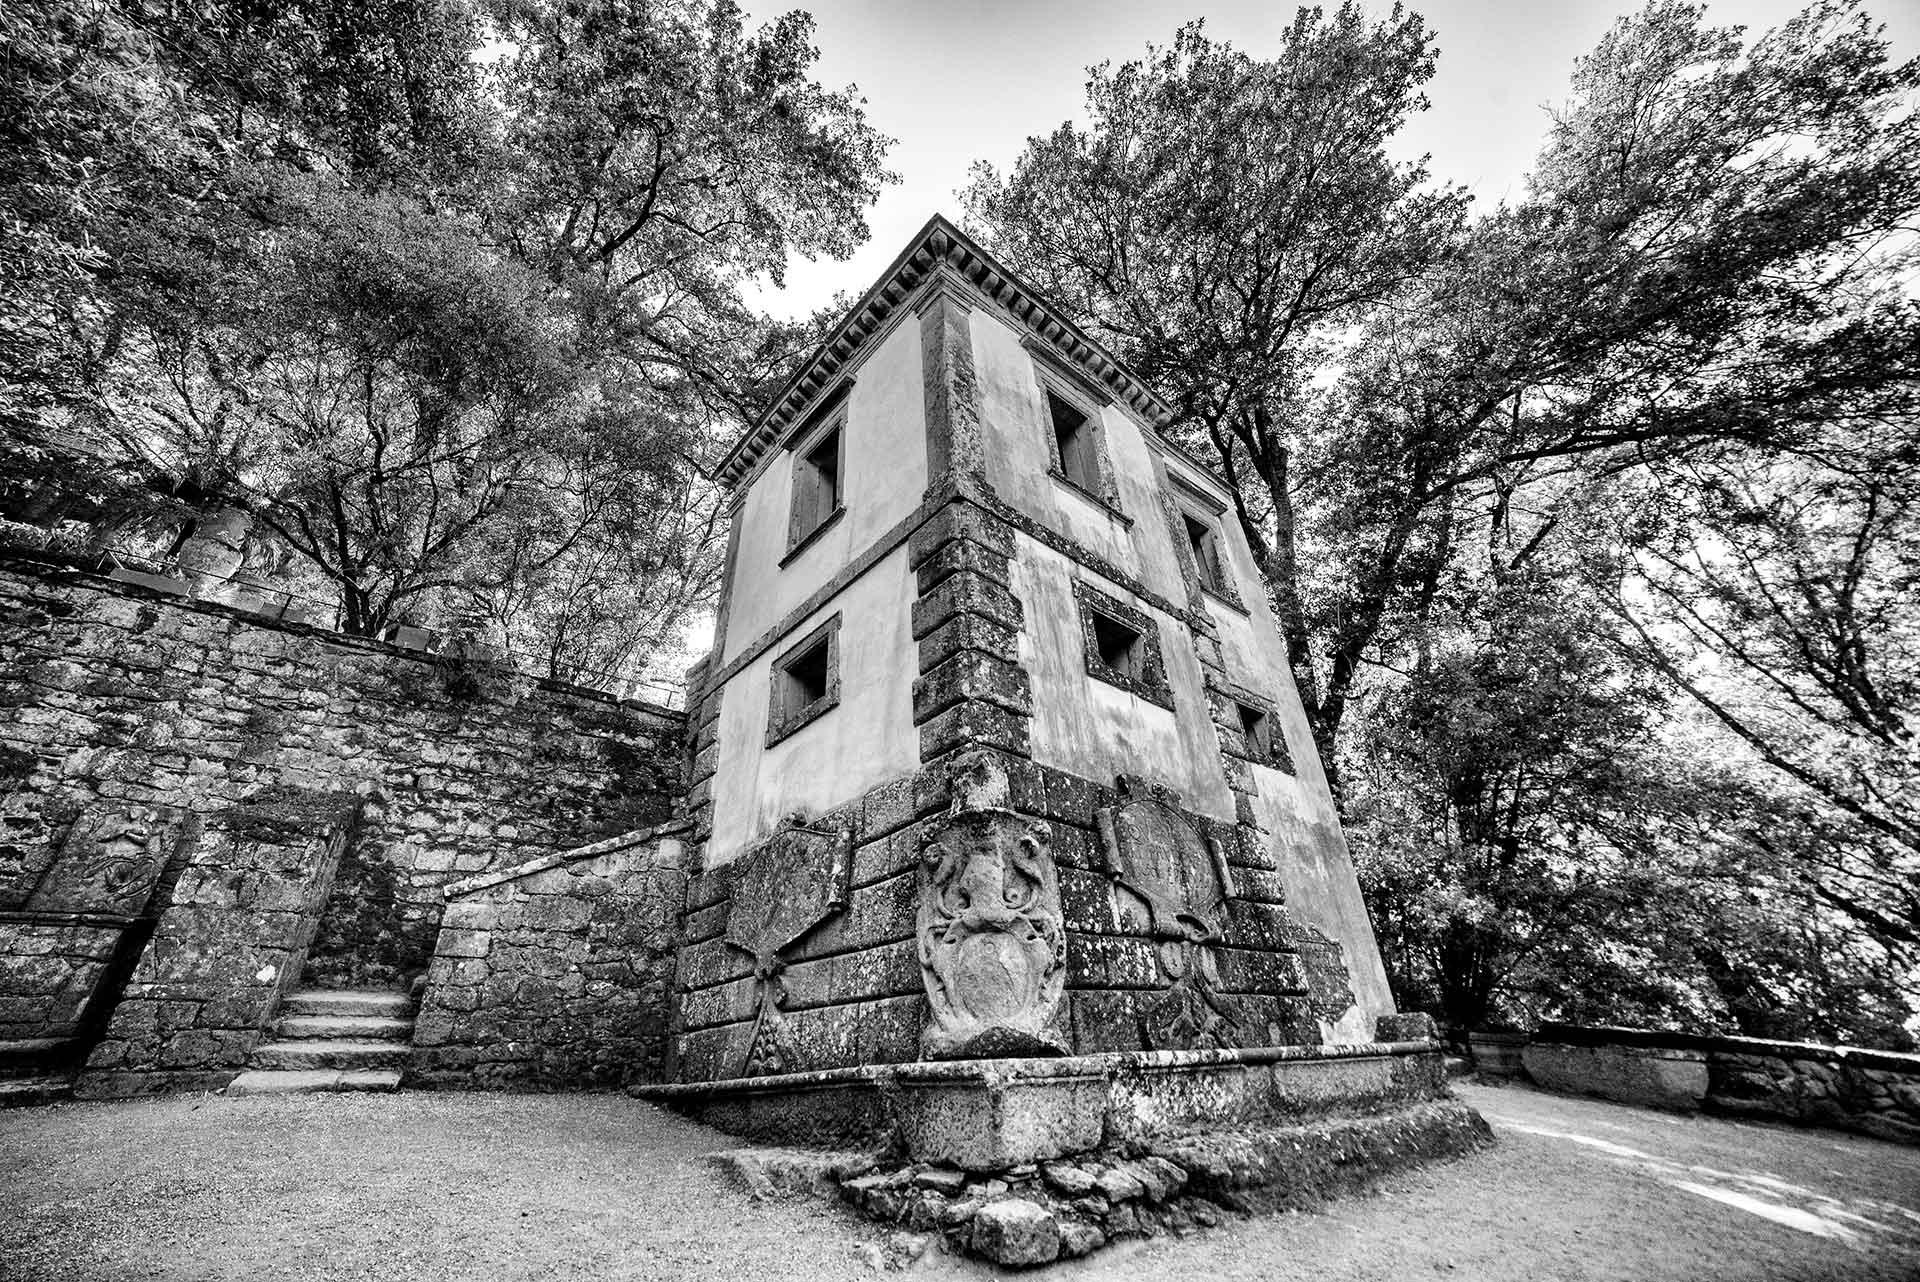 officina-visiva-foto-paesaggistica-bomarzo-parco-dei-mostri-1-web